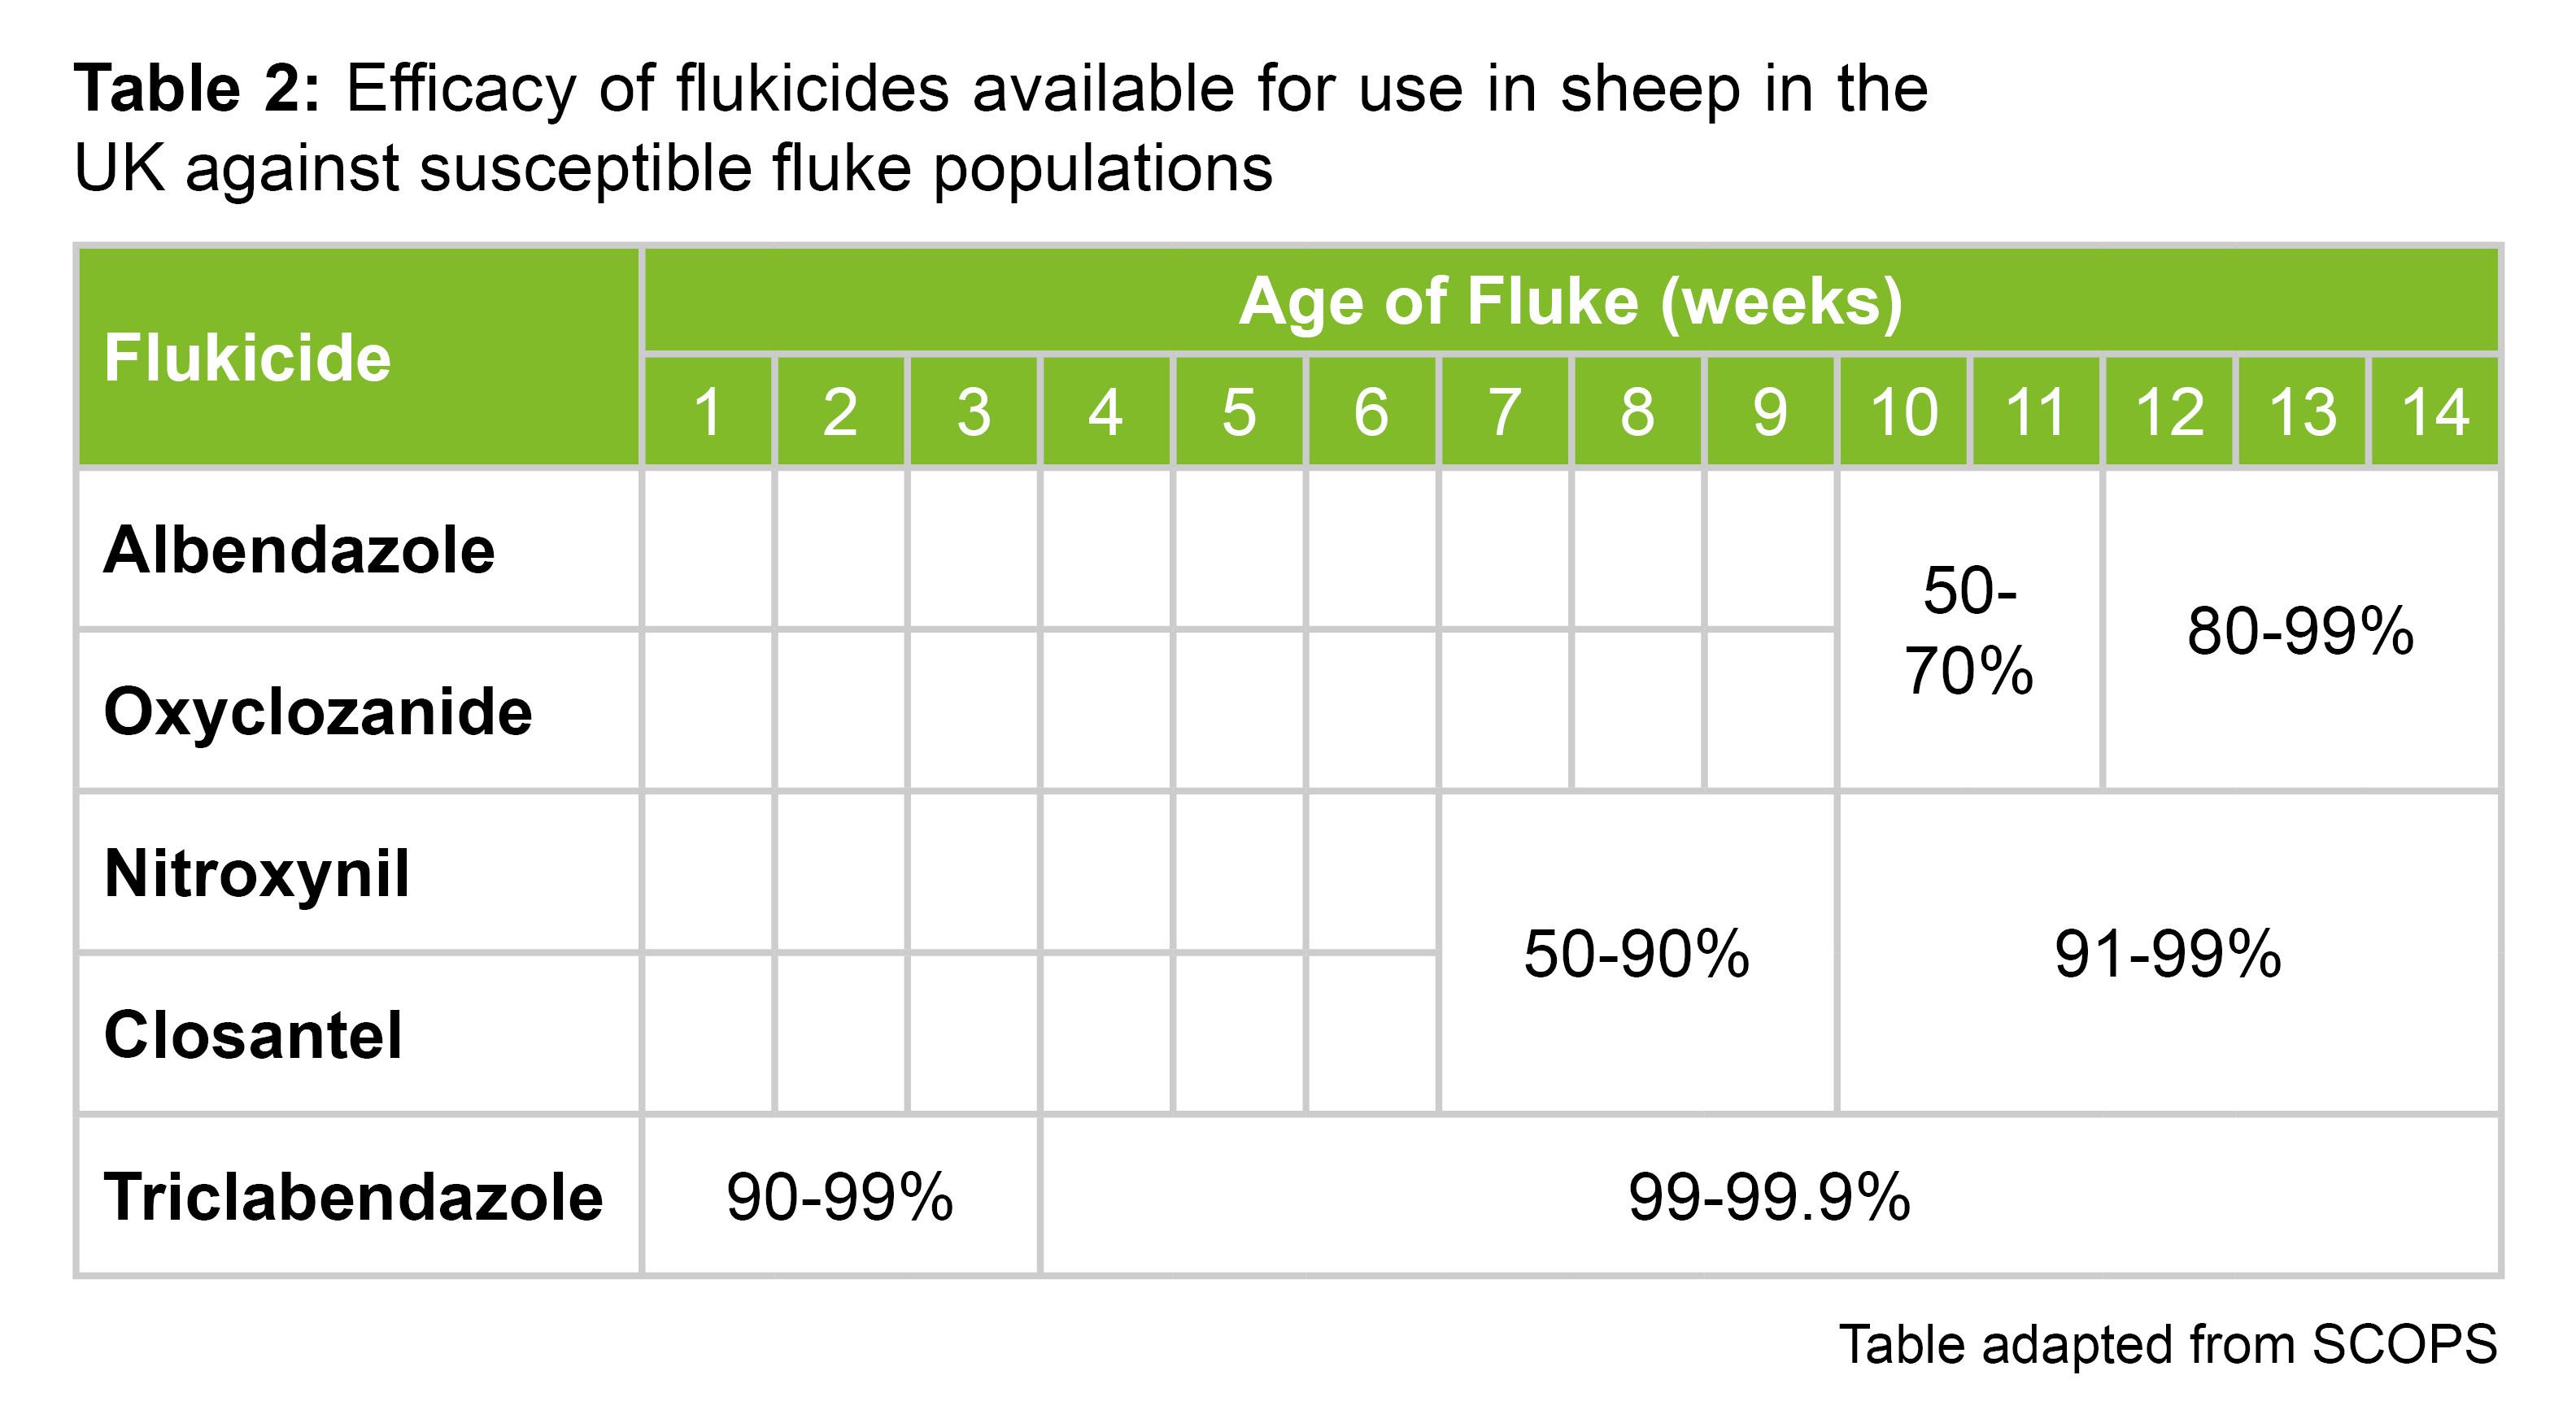 Efficacy of Flukicides